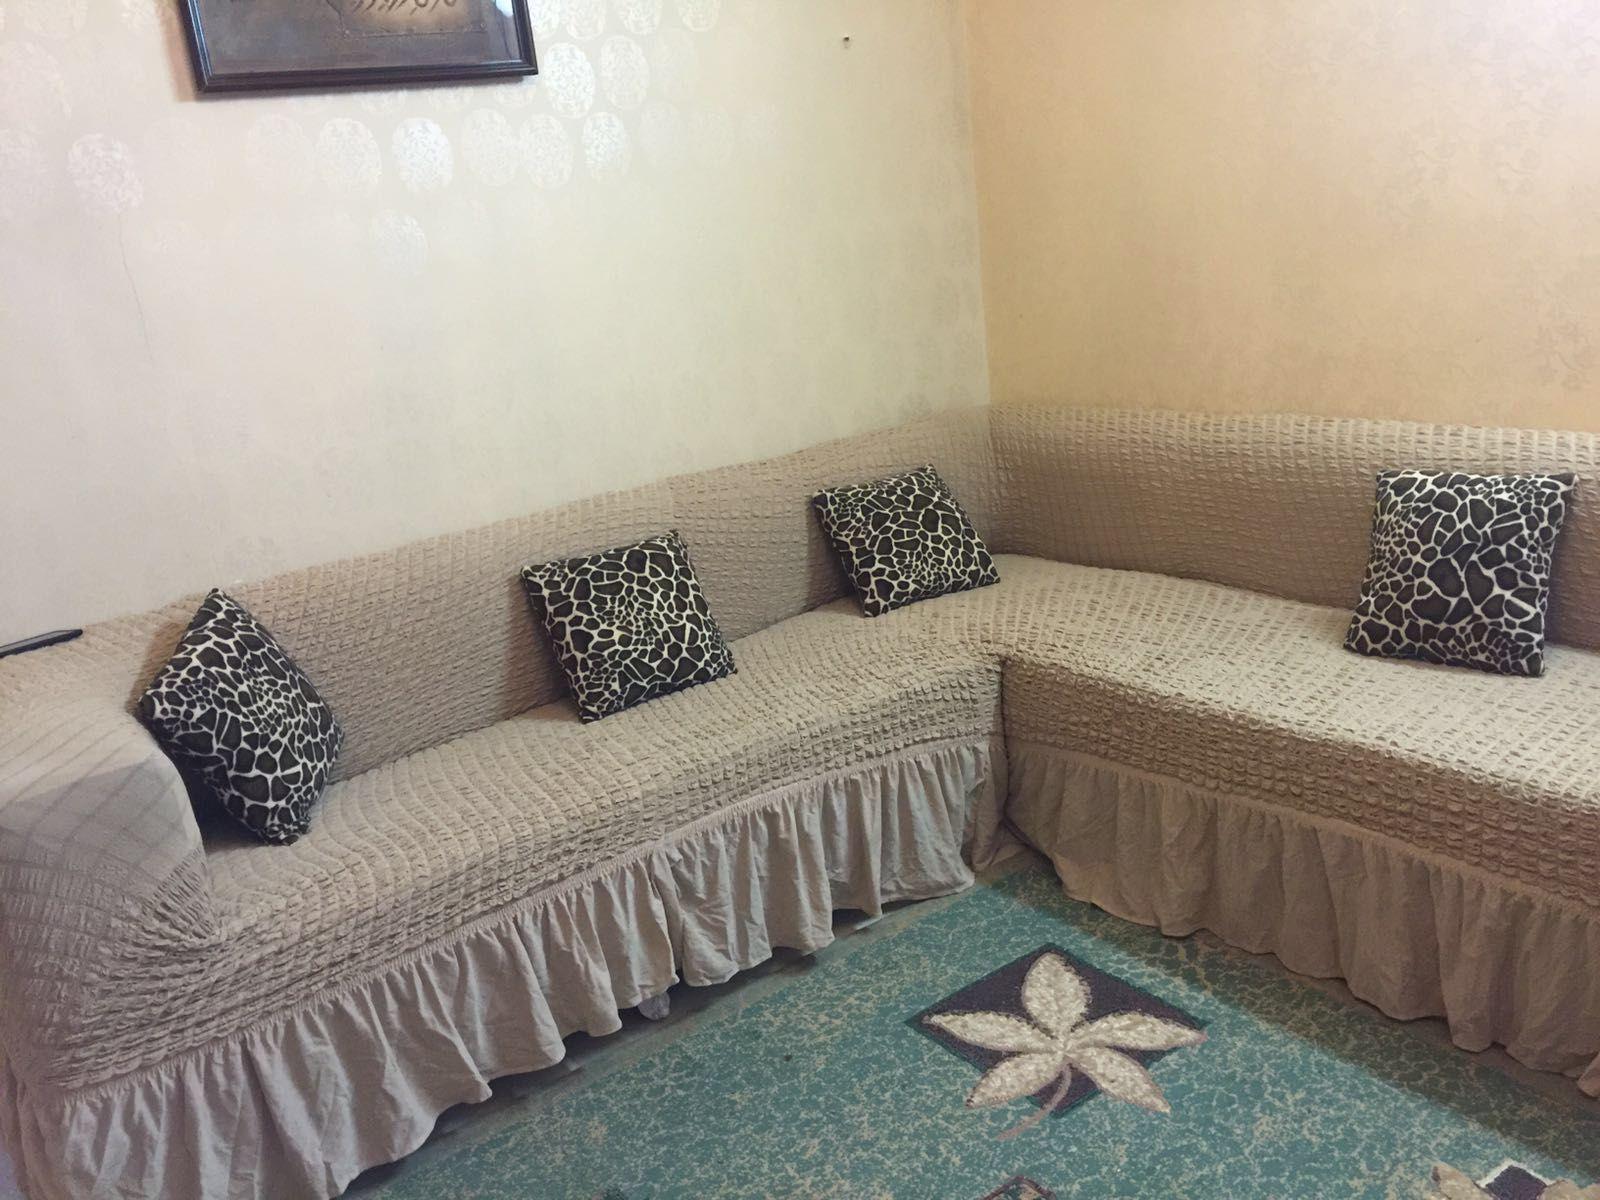 لطلب واتس اب 0543221247 غطا كنب بالمتر من تصوير زباينا يتوفر عندنا تلبيسات كنت با المتر تفصيل على الكنبات المتصل جميع Sectional Couch Home Decor Furniture